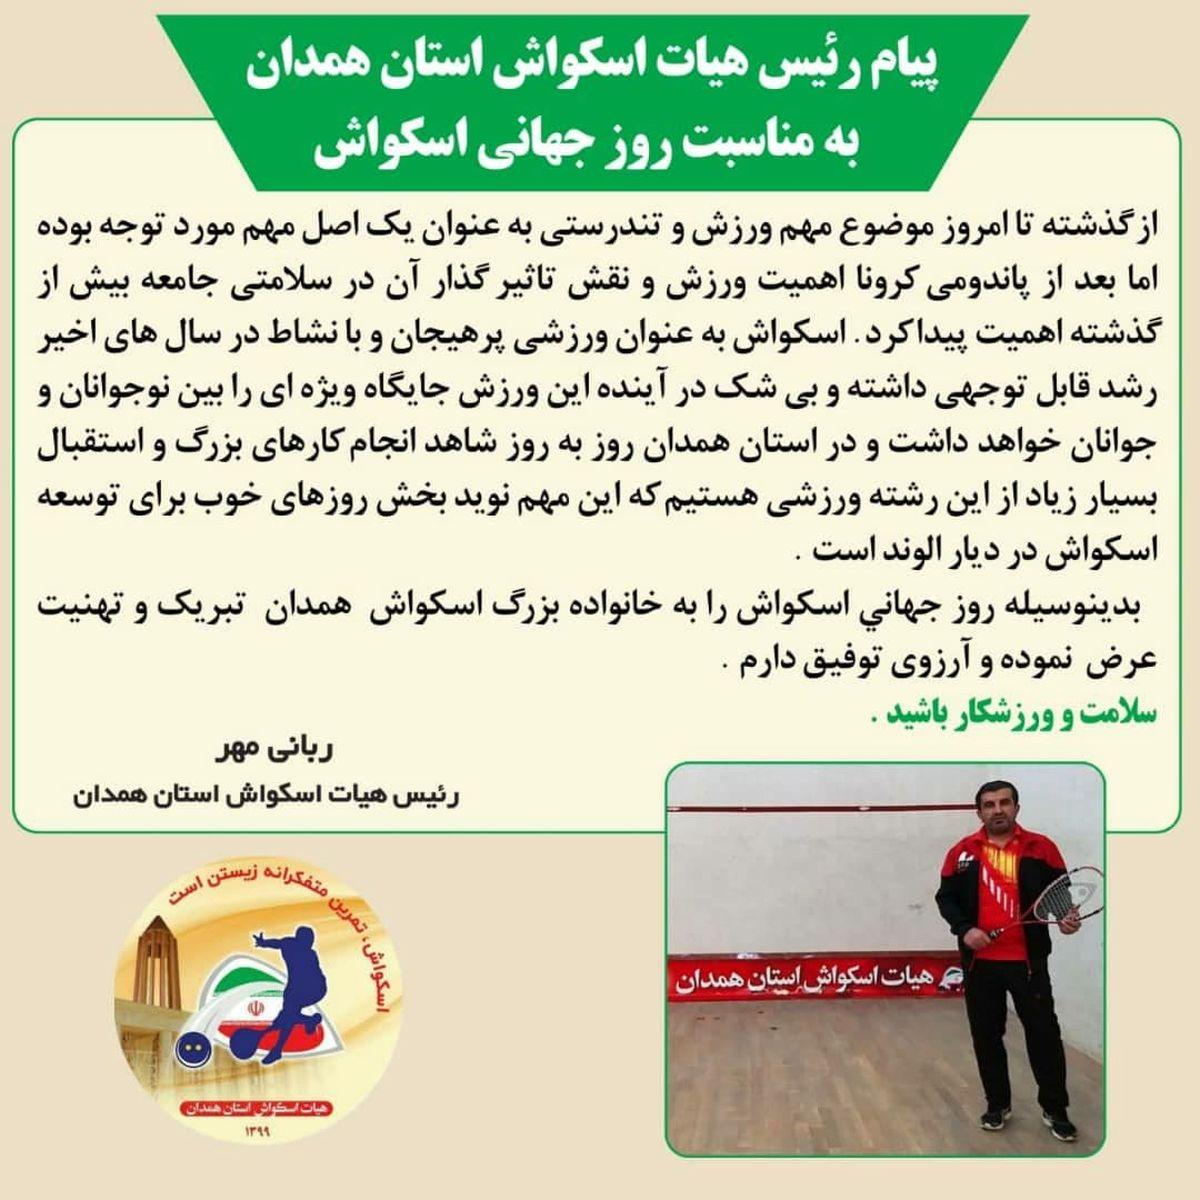 رشته پرهیجان اسکواش به ورزش موردعلاقه جوانان و نوجوانان تبدیل میشود